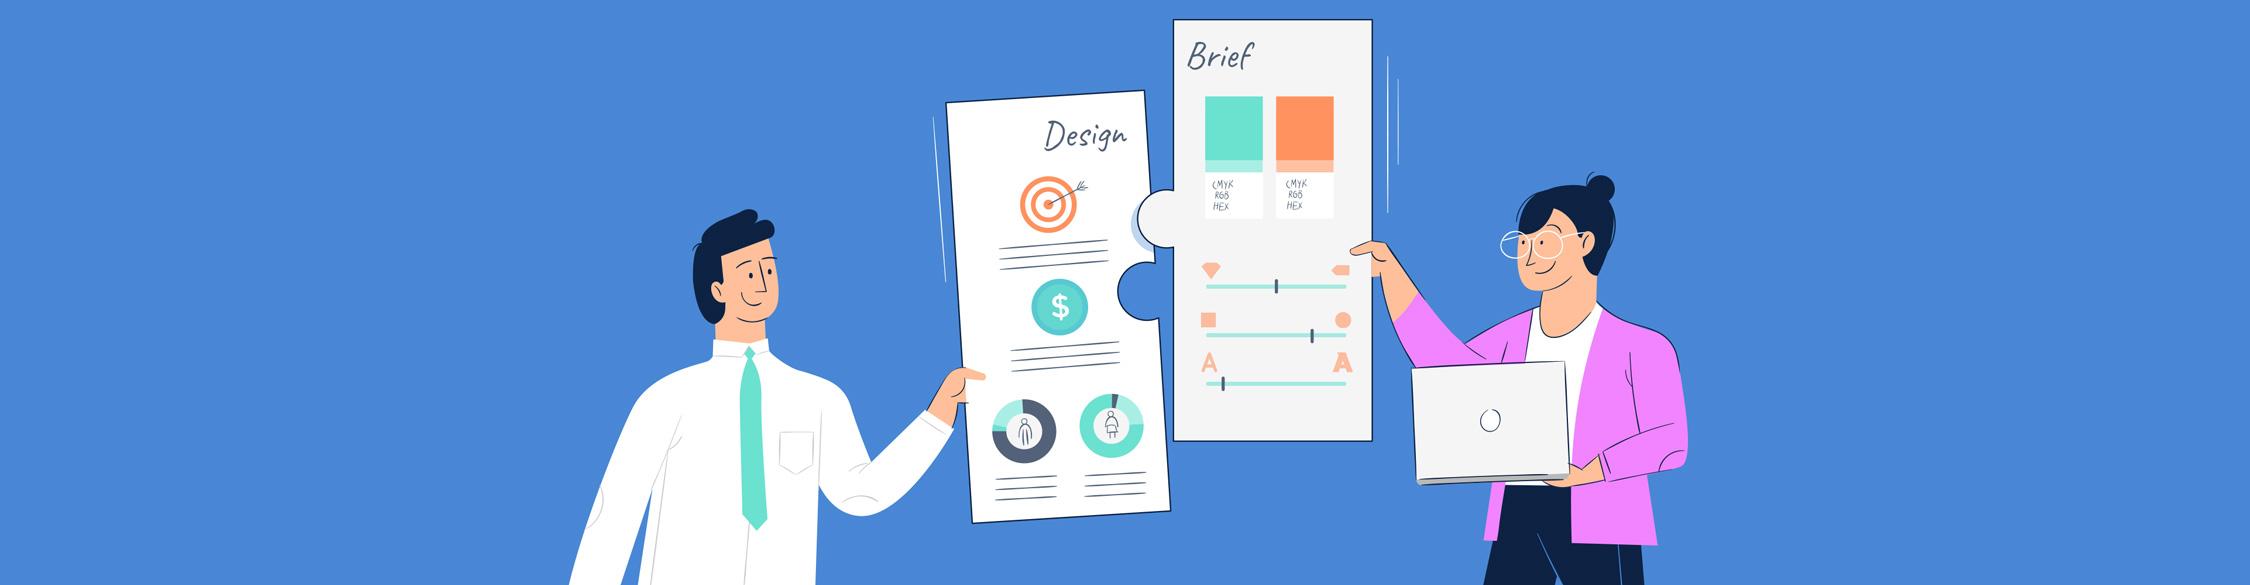 design brief - header